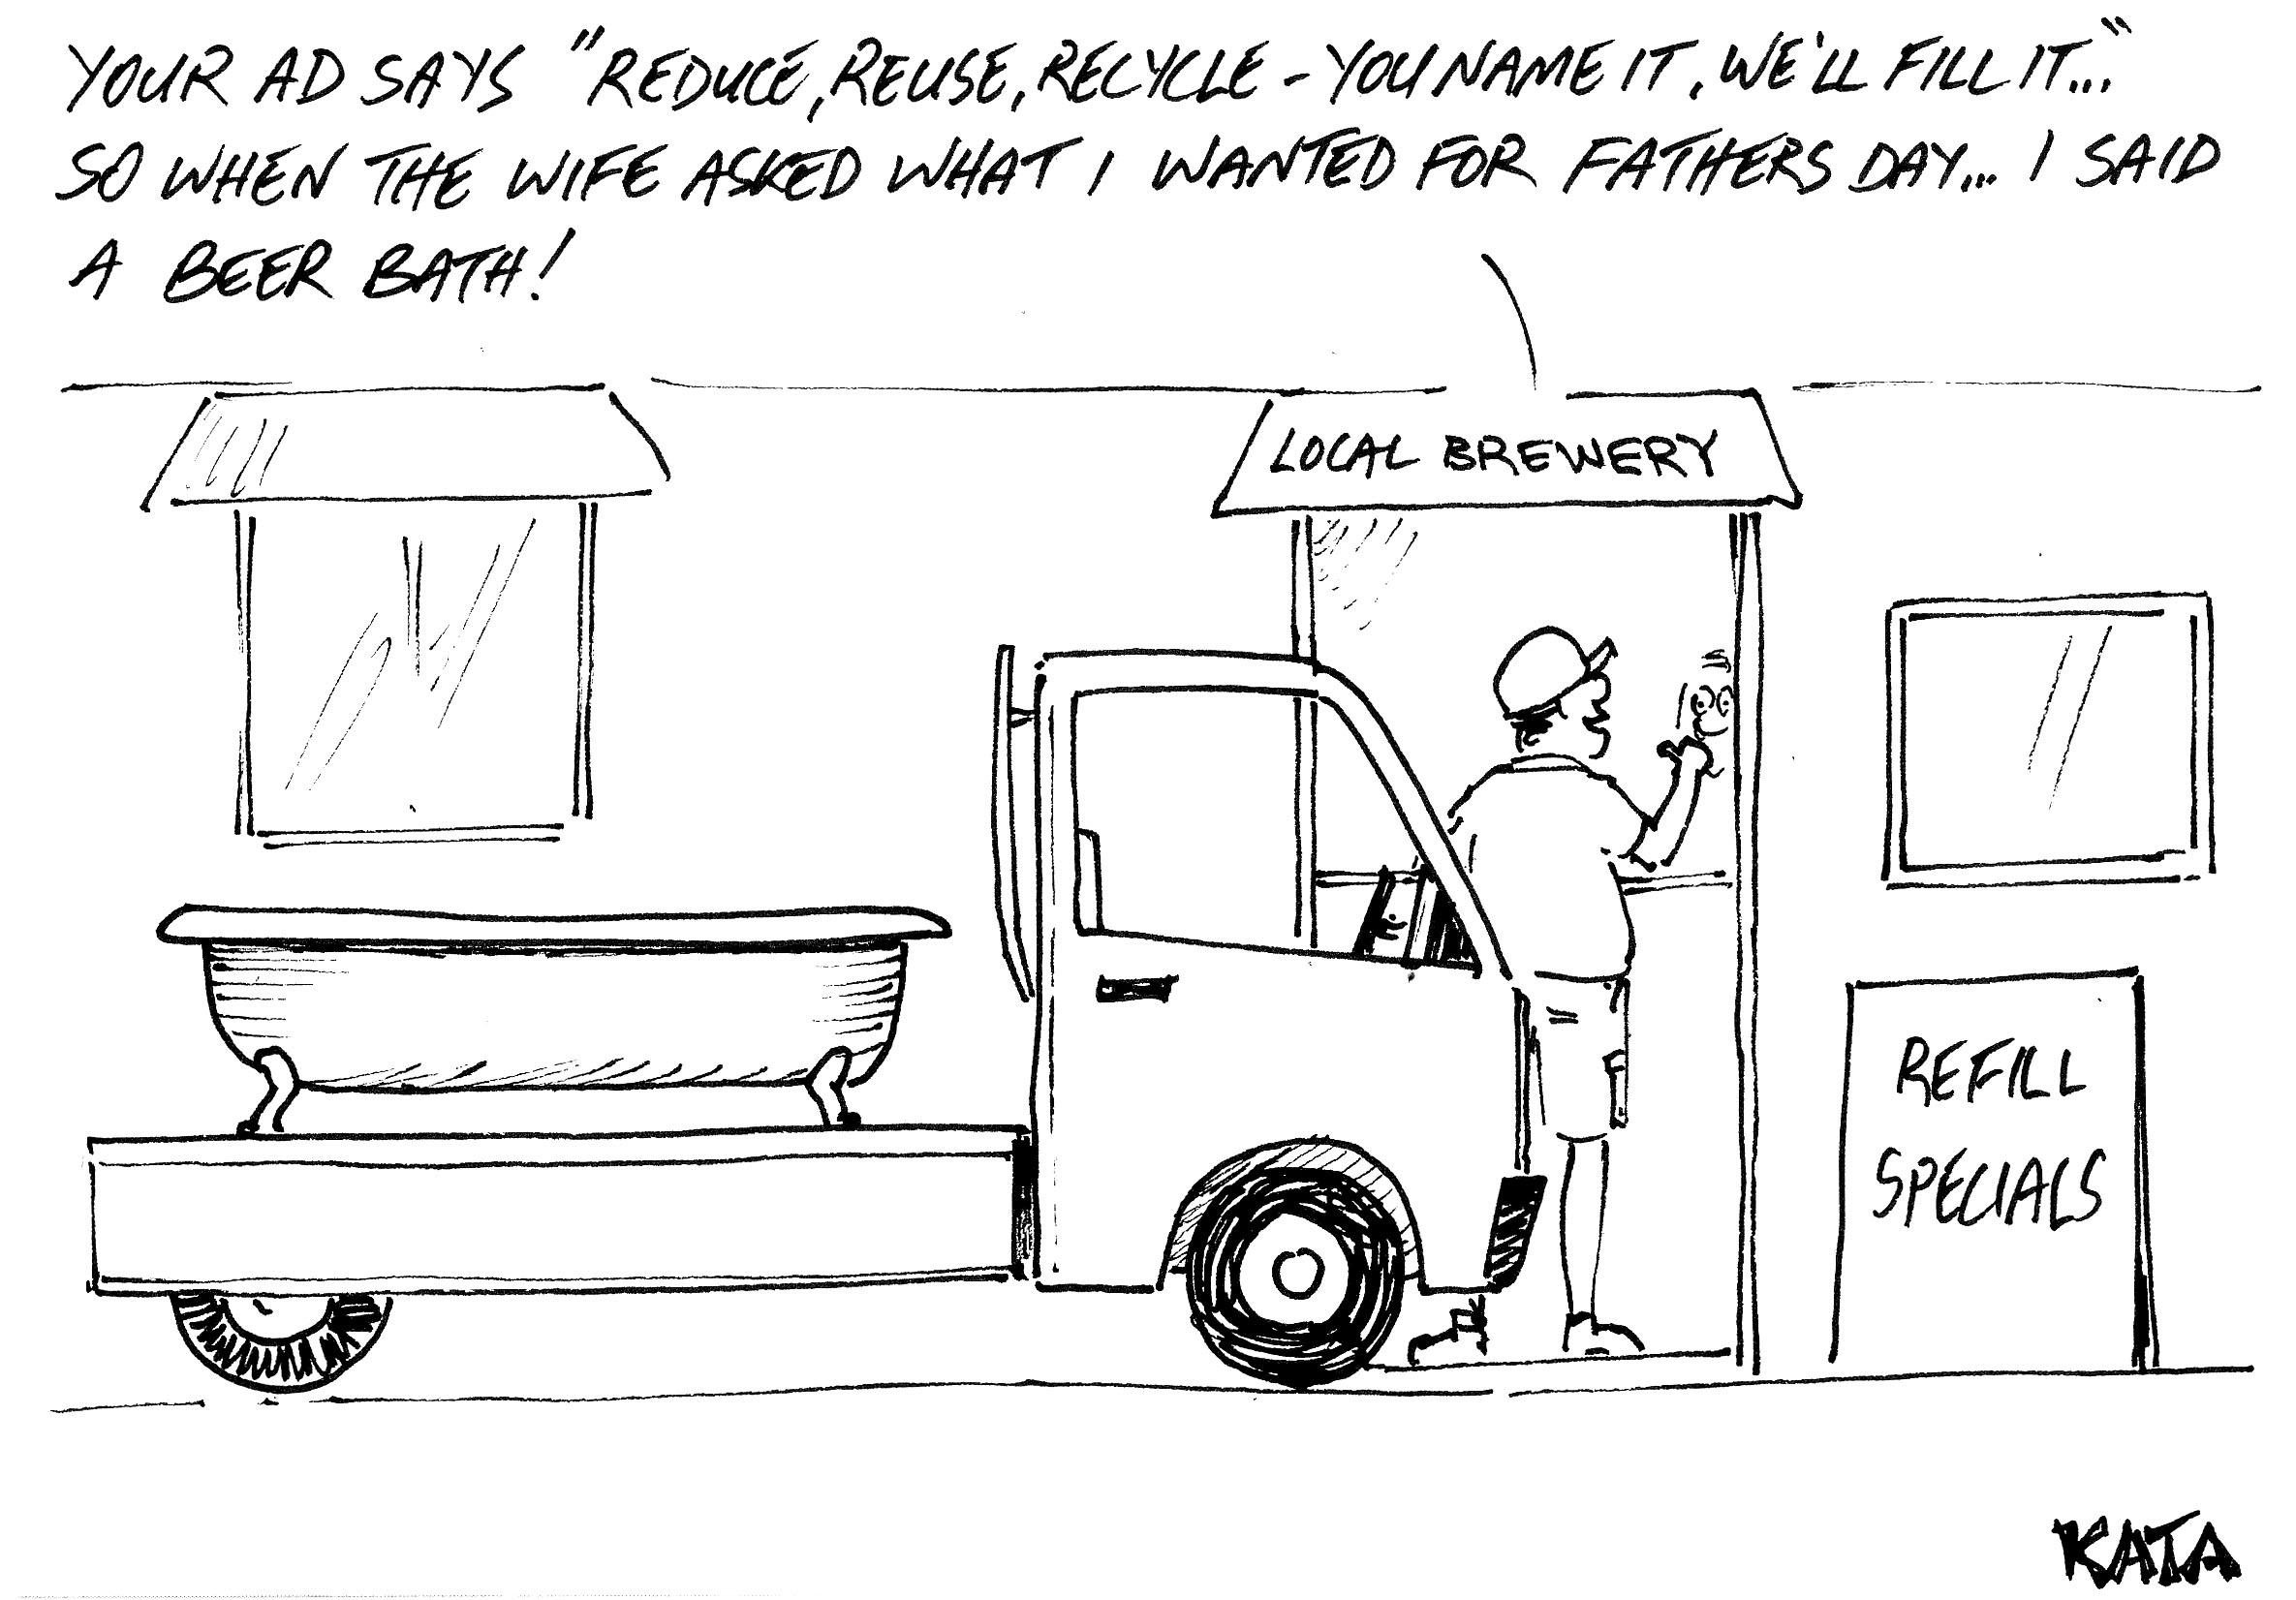 KATA: Beer deals